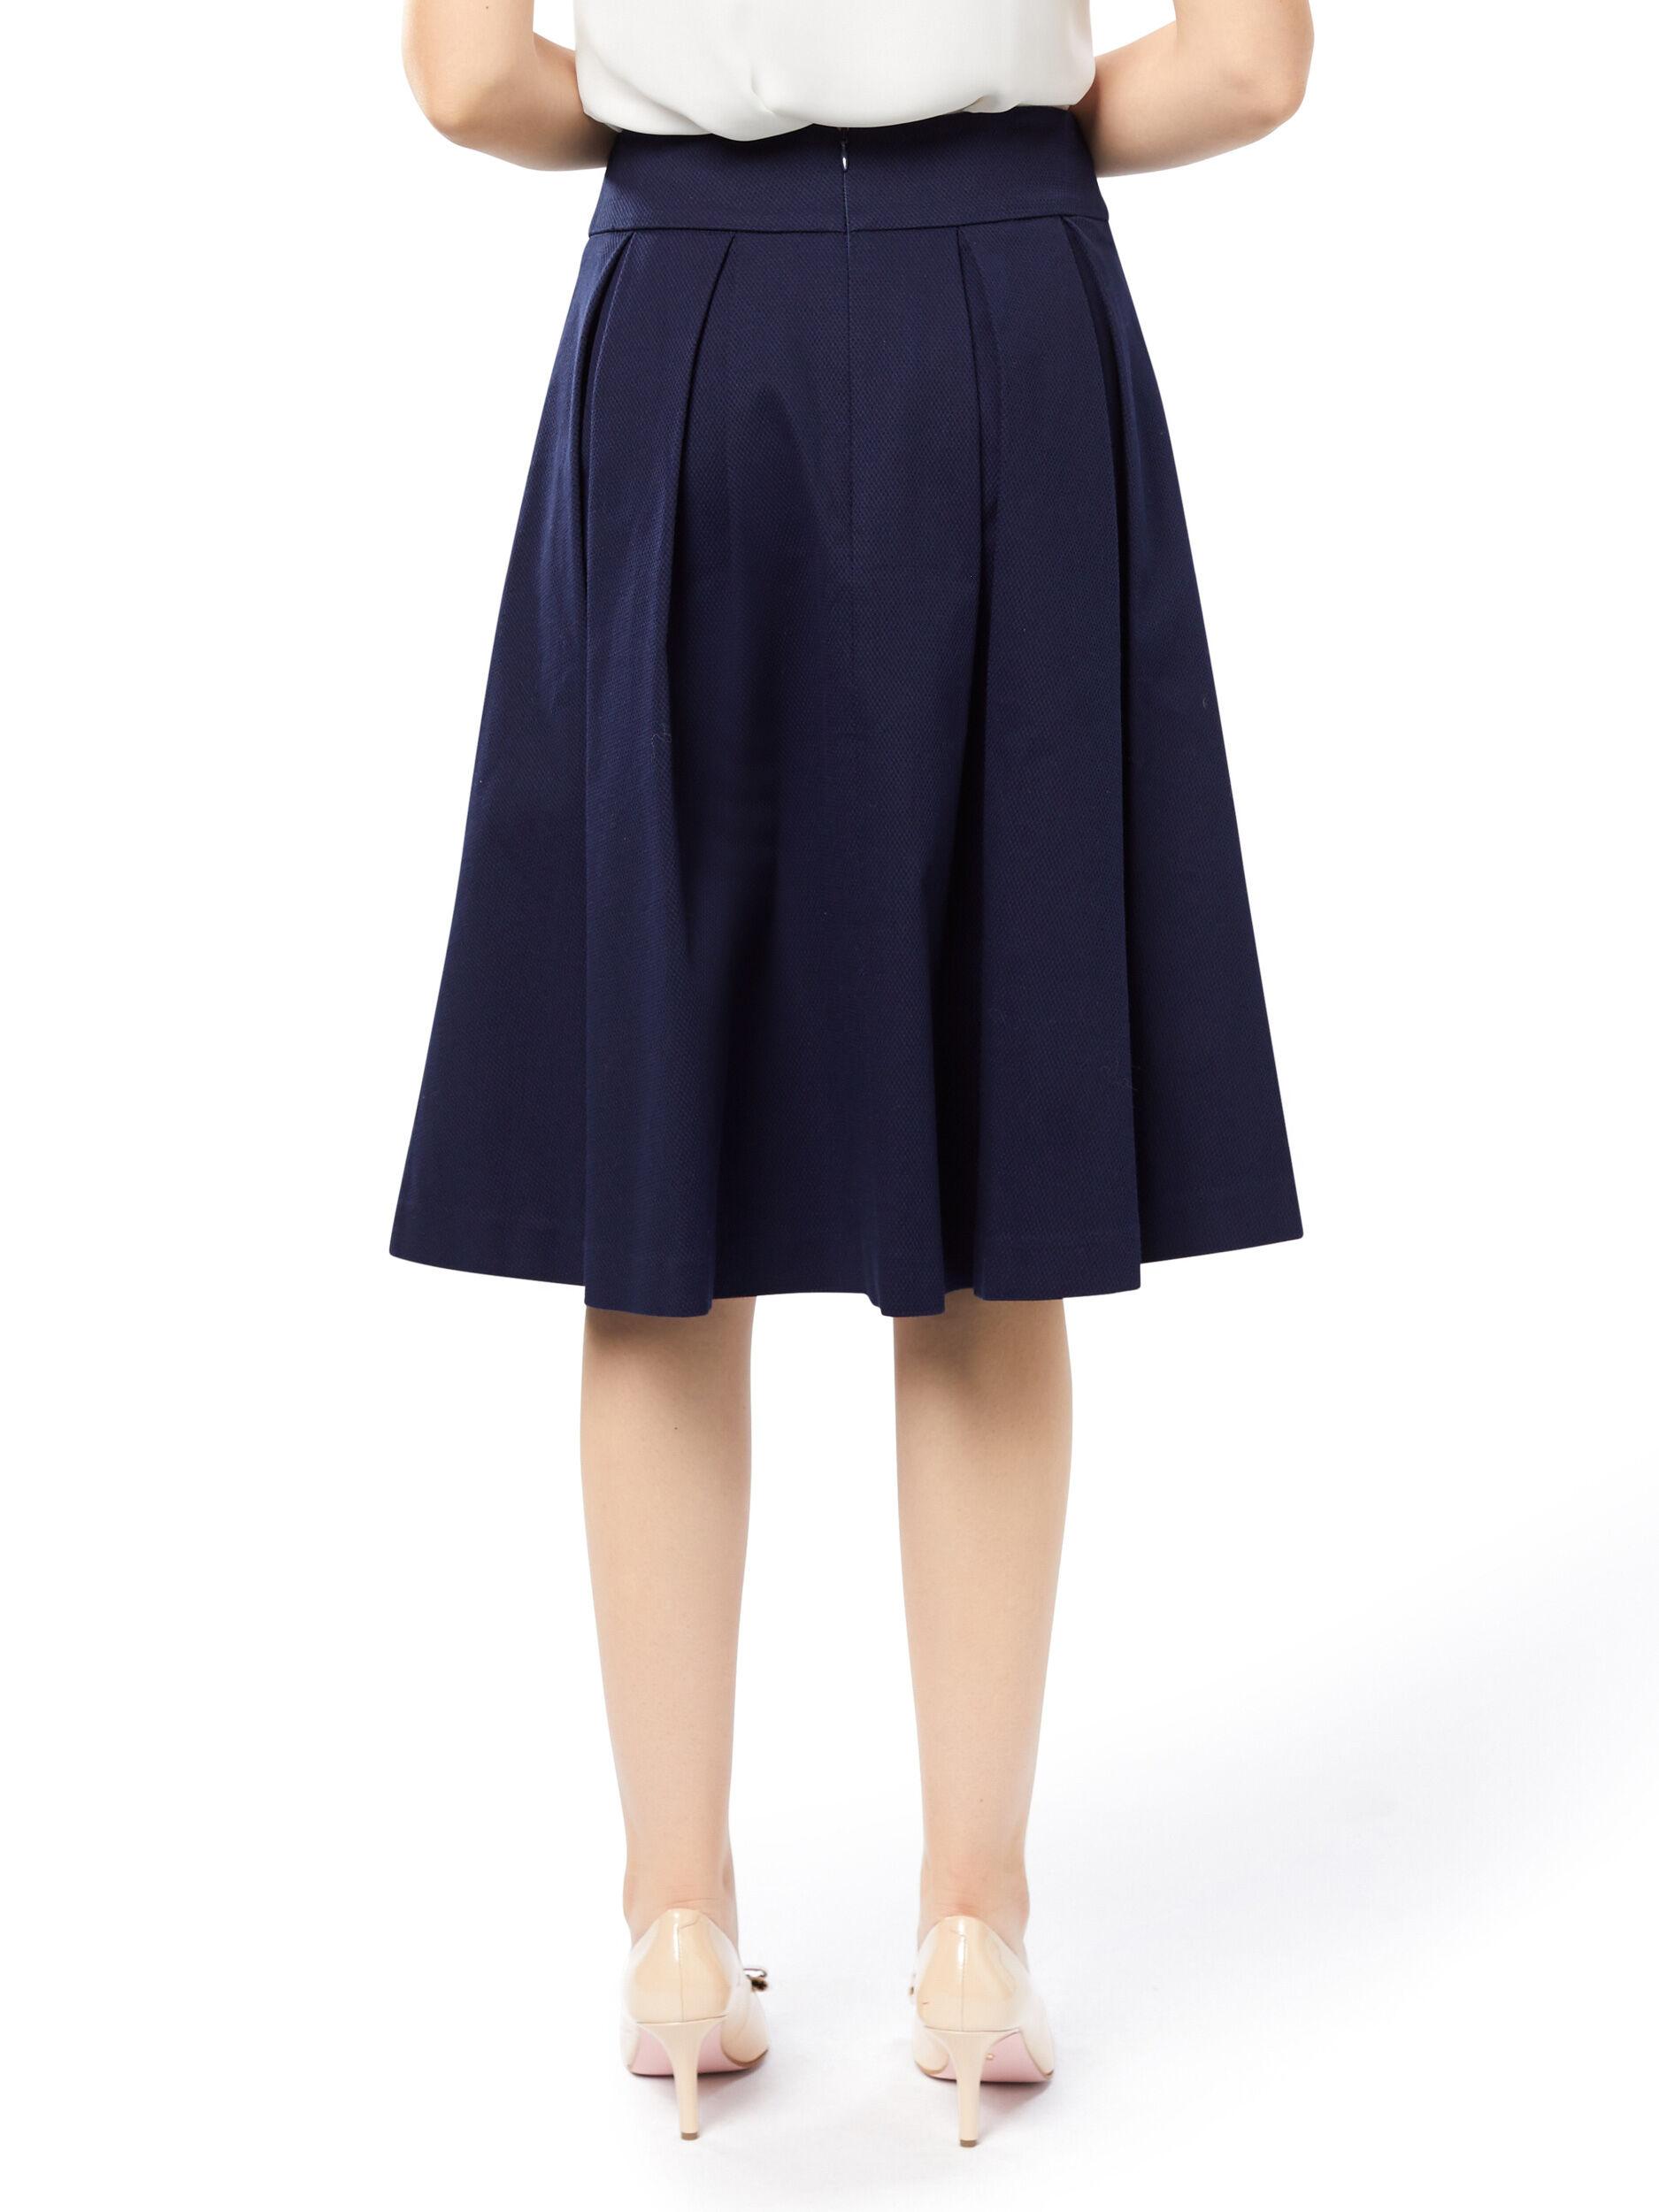 Pastiche Skirt